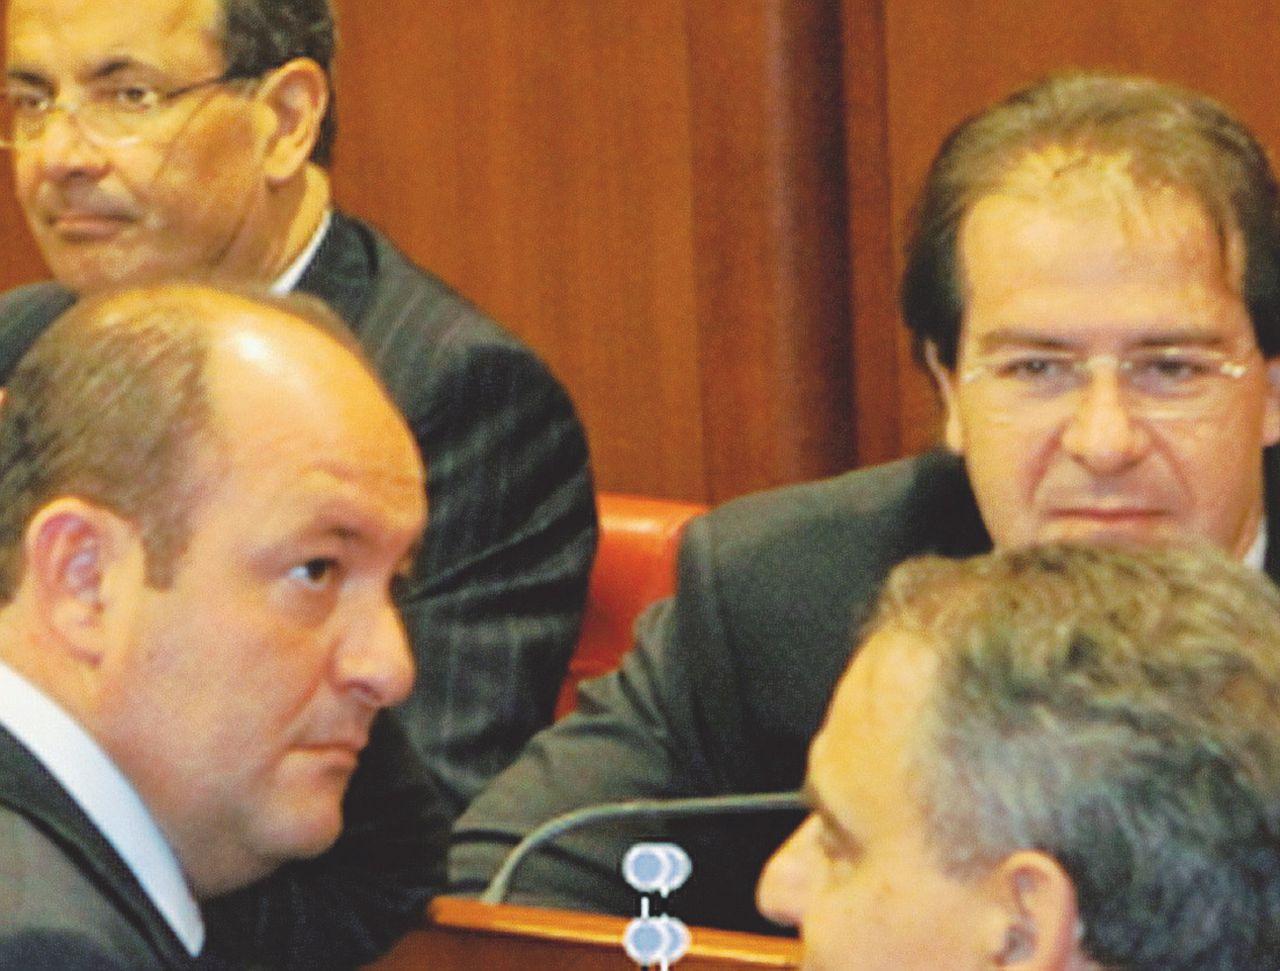 Se il senatore finisce in galera c'è il sindaco cacciato per mafia